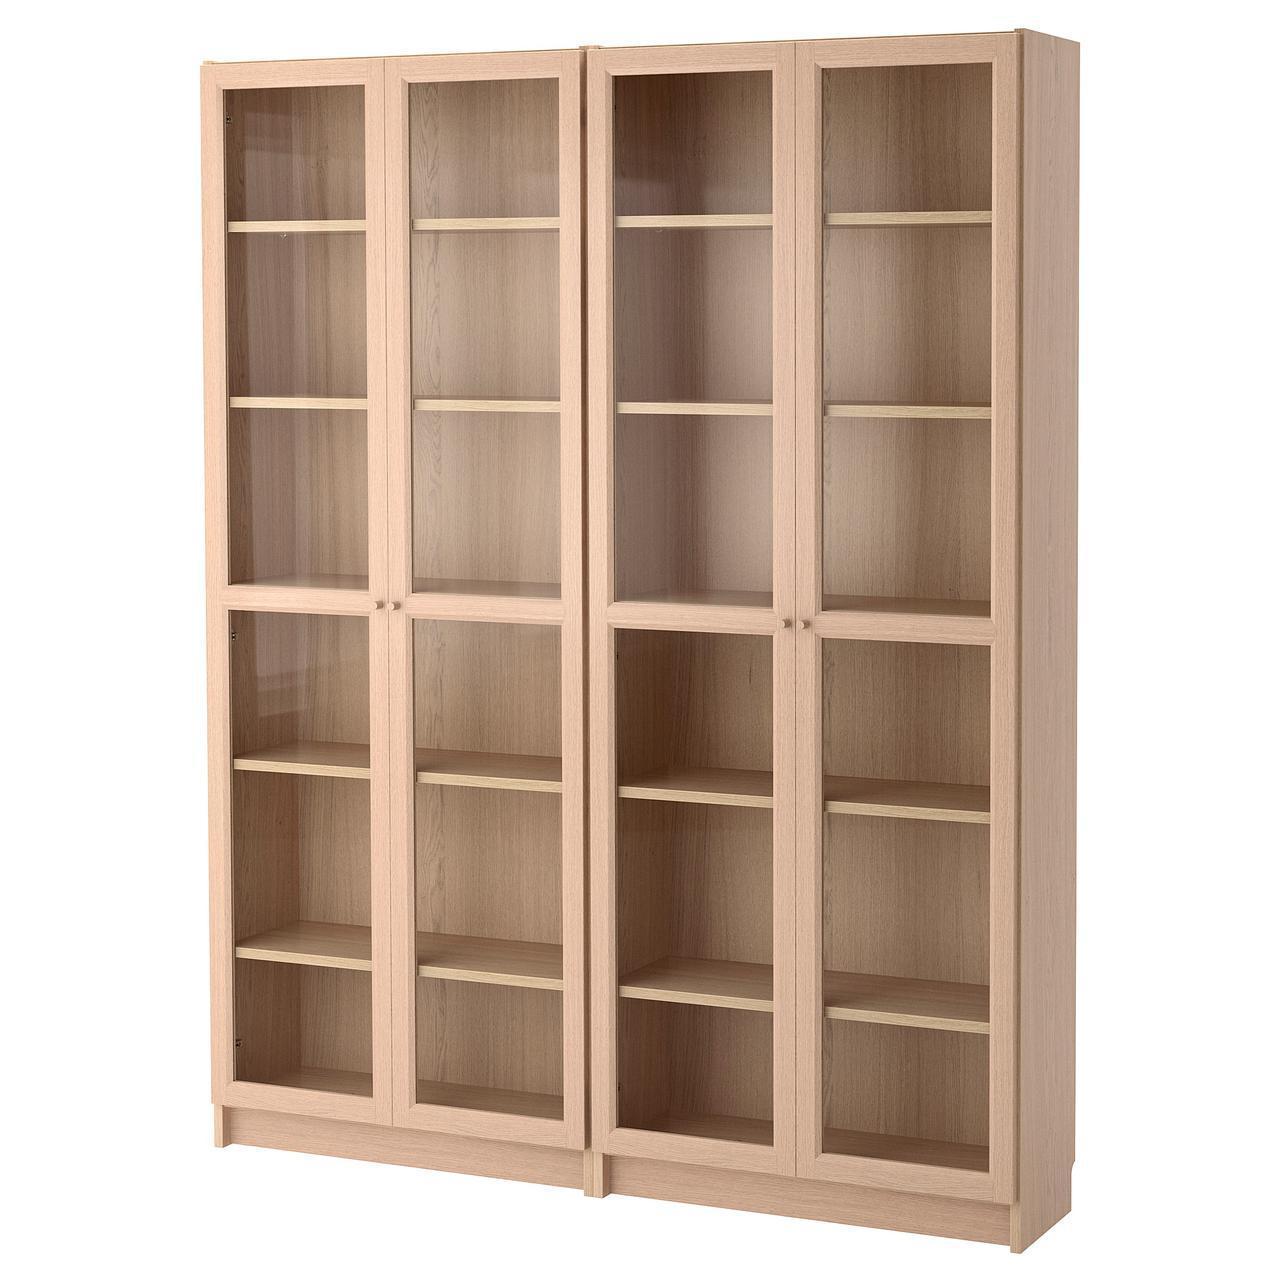 Стеллаж IKEA BILLY / OXBERG беленый дуб стеклянные дверки 492.499.66